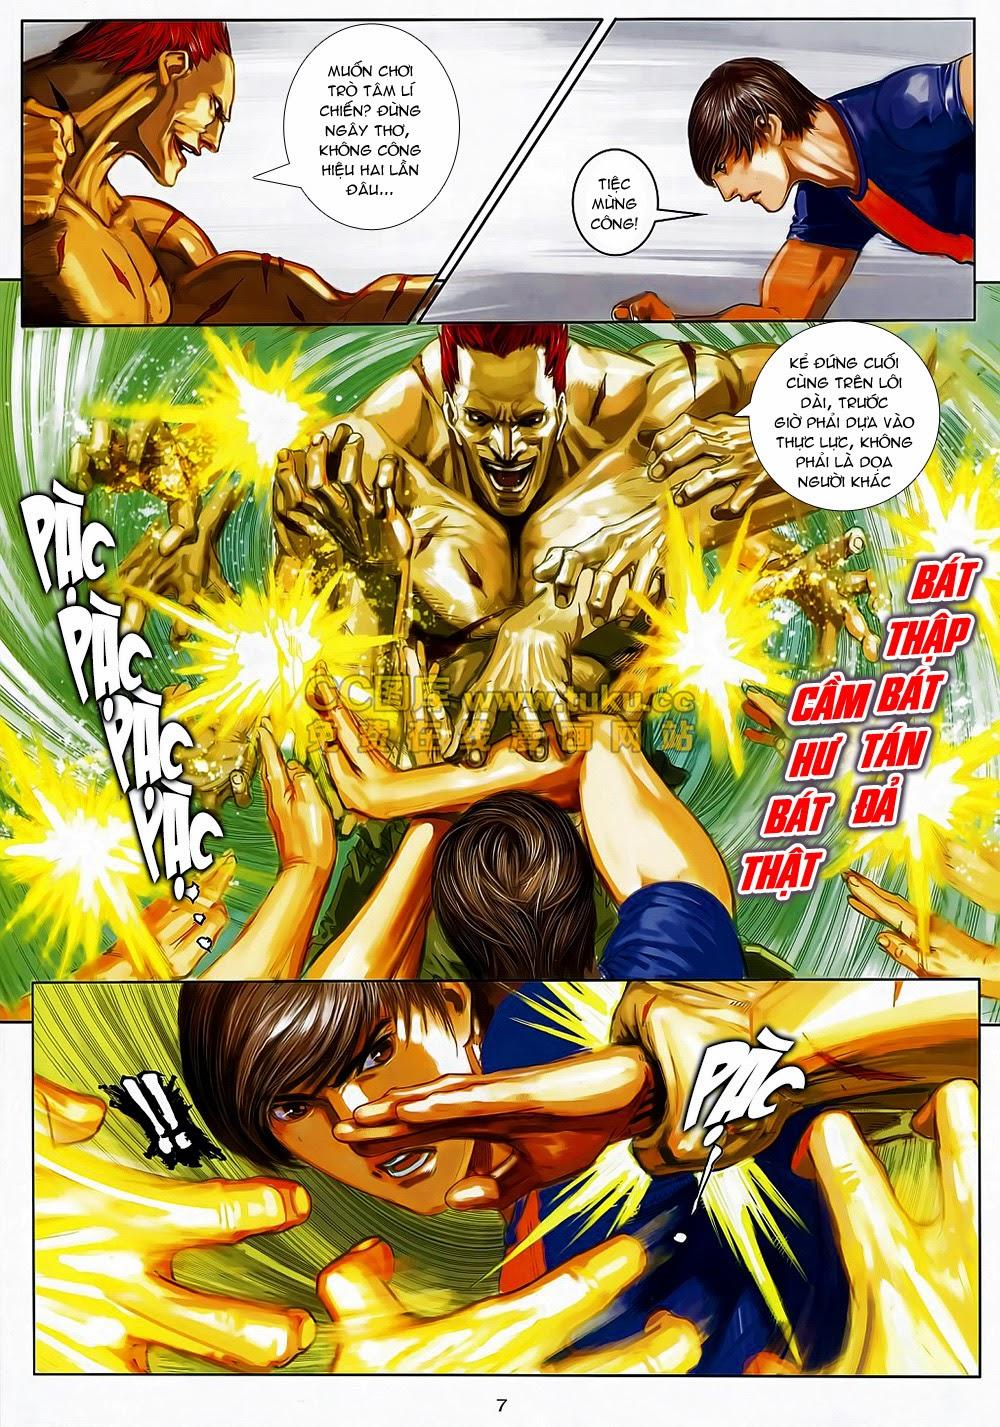 Quyền Đạo chapter 6 trang 7